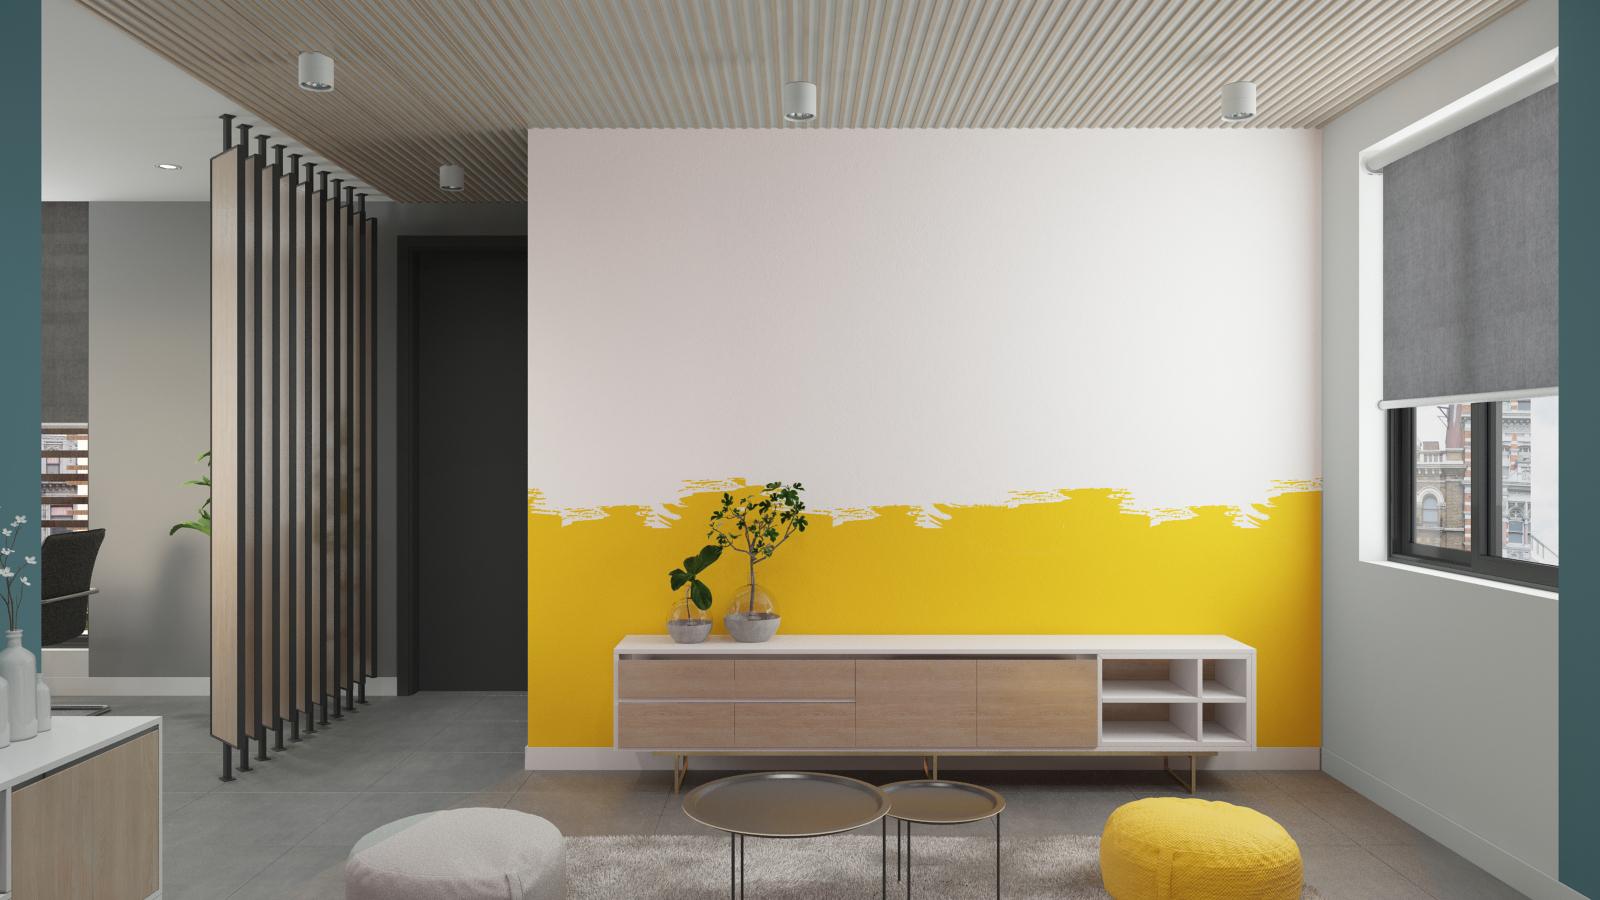 Phòng tiếp khách công ty APP mang đến cảm giác thoải mái, vui vẻ cho khách hàng nhờ sử dụng gam màu vàng trên tường và ghế ngồi